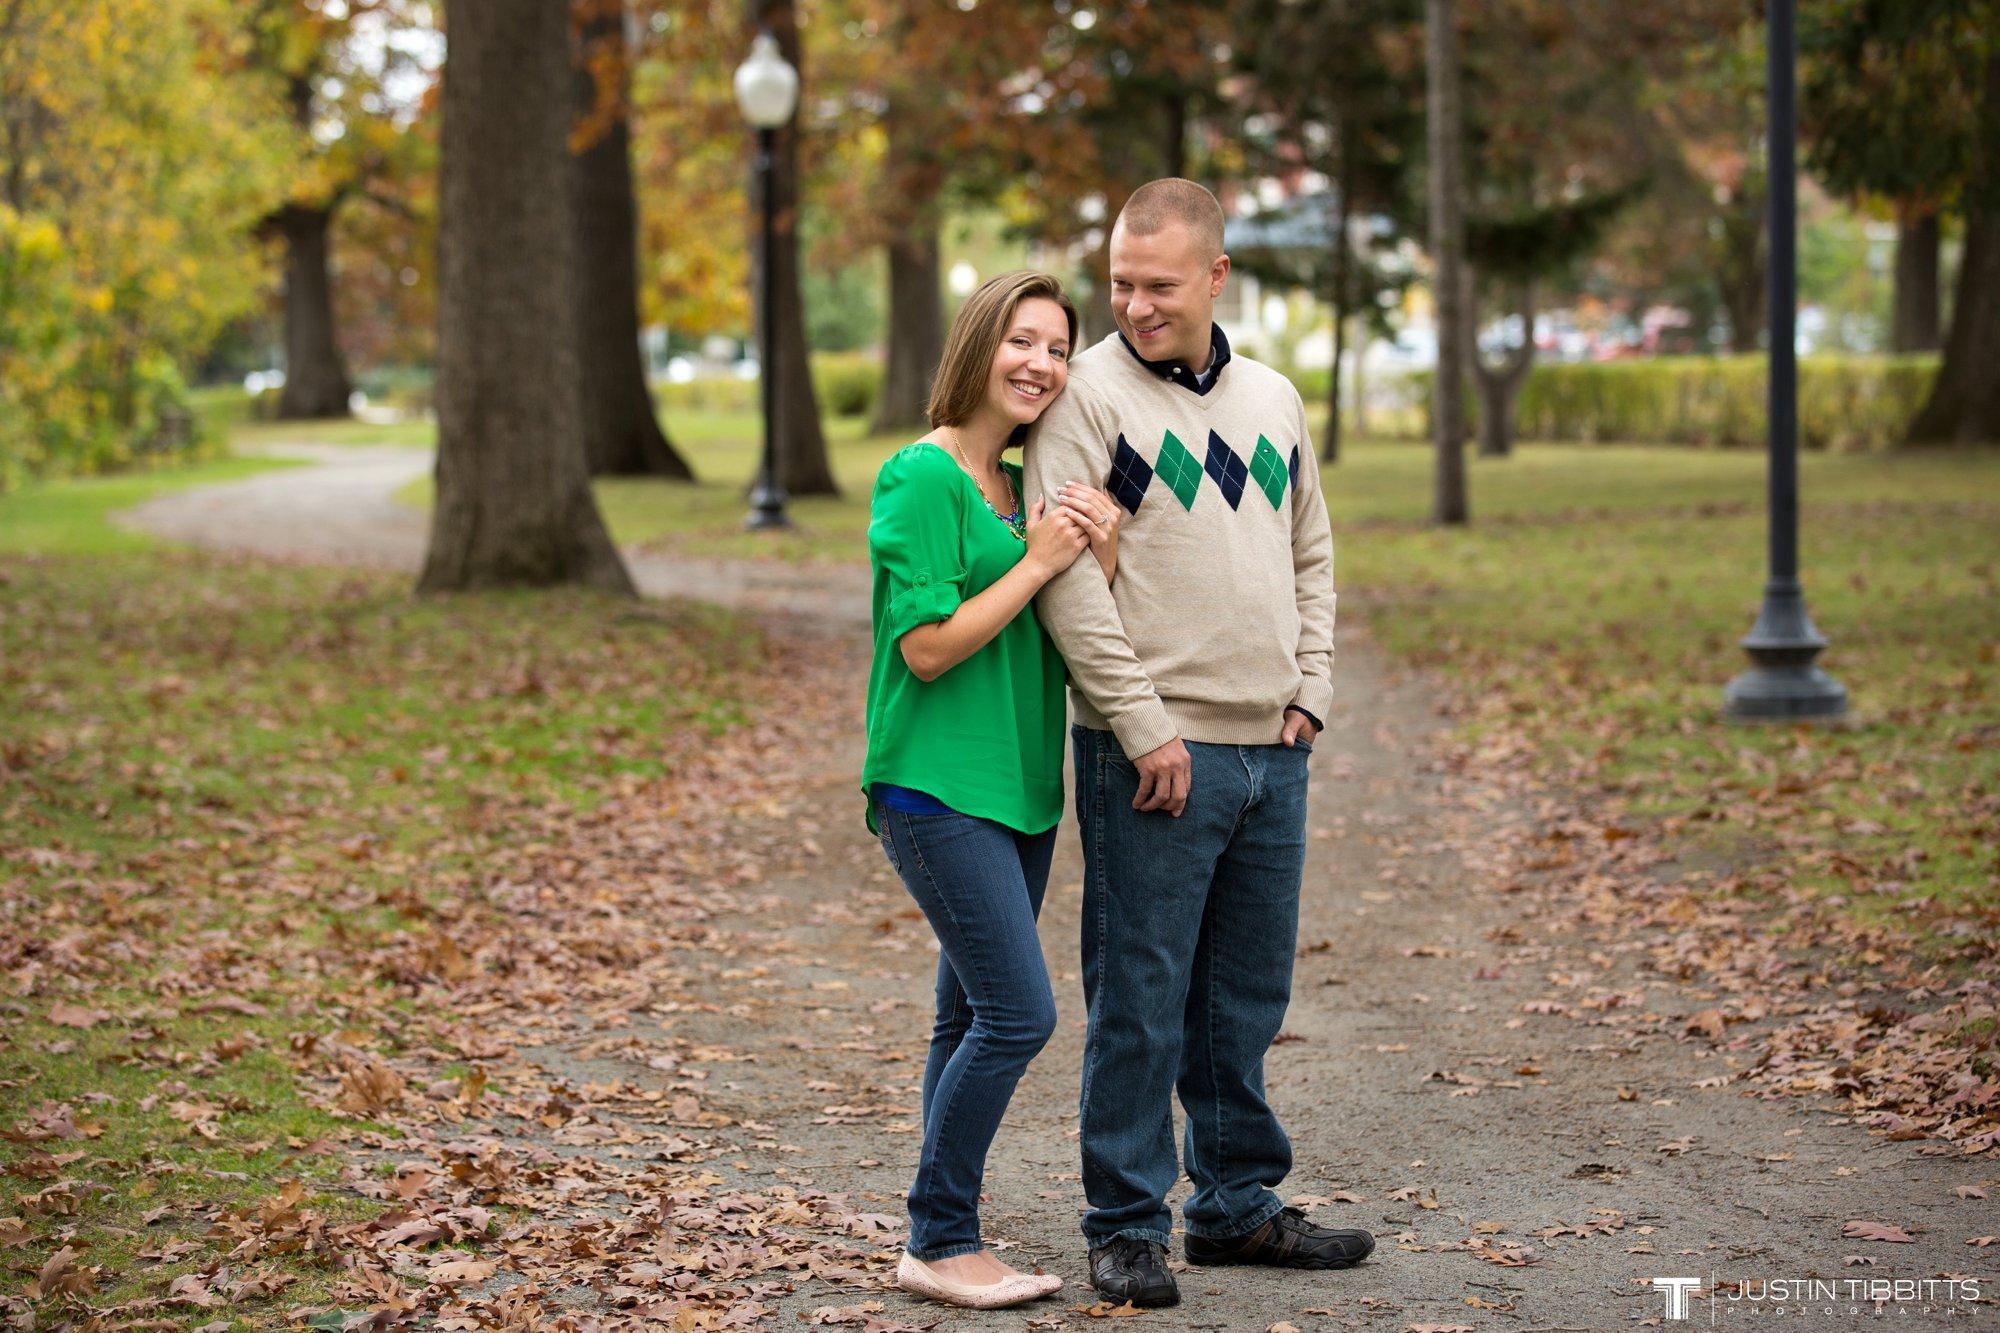 Justin Tibbitts Photography Heather and Stephen Congress Park, Saratoga, NY E-shoot-19